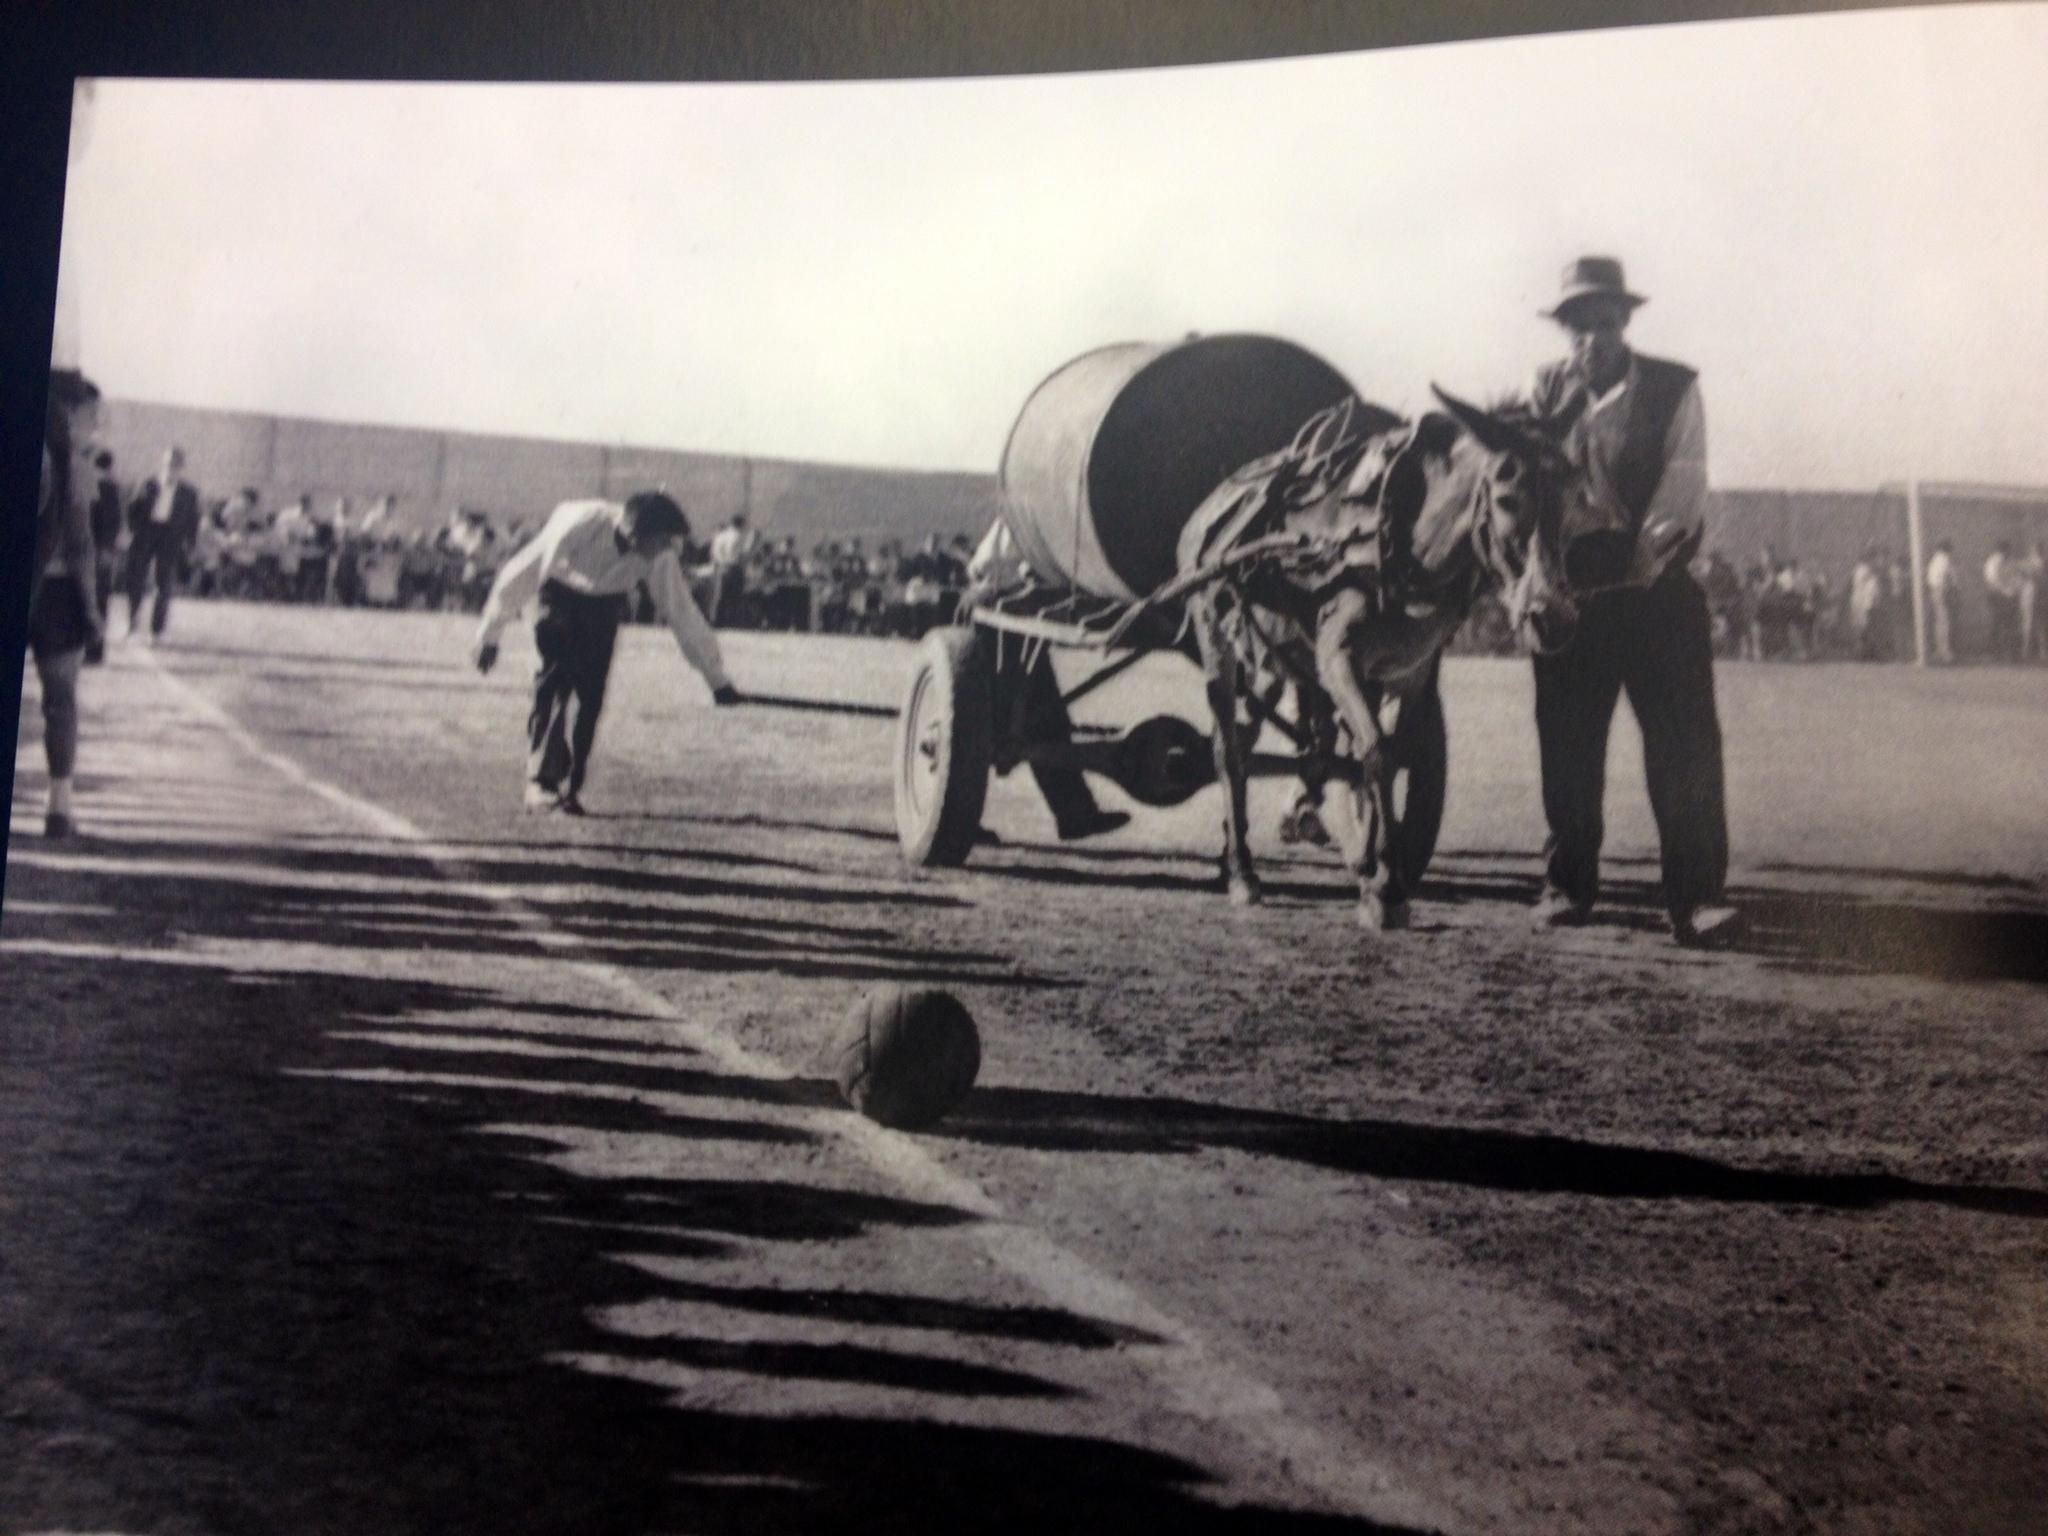 Partido en 1960 entre el Sevilla y el Llerena, antes de comenzar el juego salía una cuba de agua encima de un carro tirado por un burro.